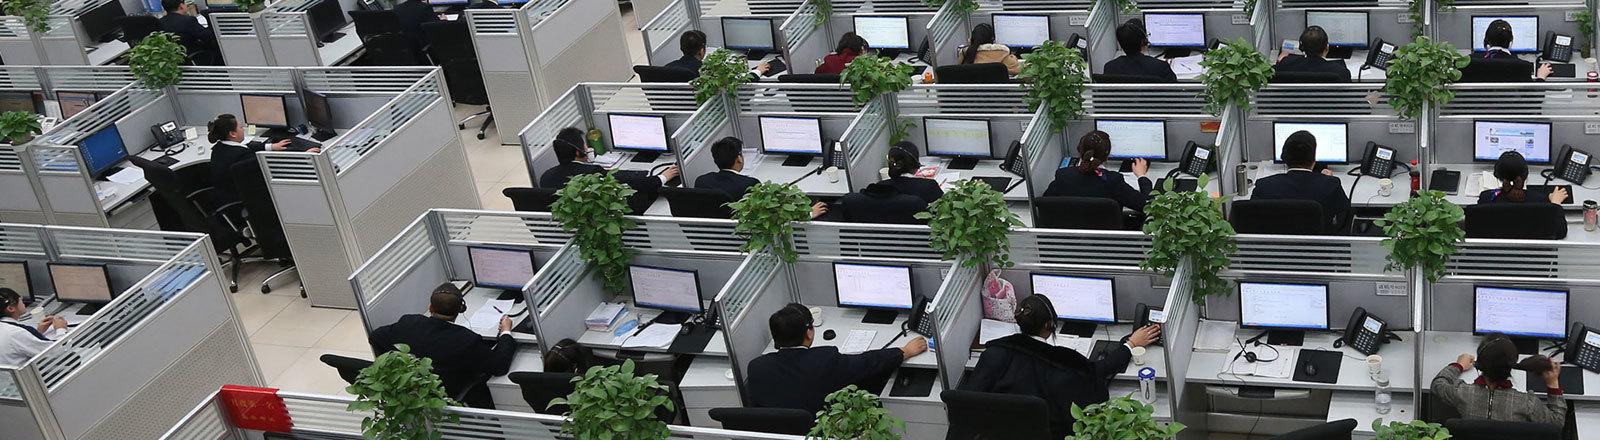 In einem Callcenter des Ministeriums der Bahn in China sitzen an vielen Schreibtischen Angestellte und arbeiten am Computer.